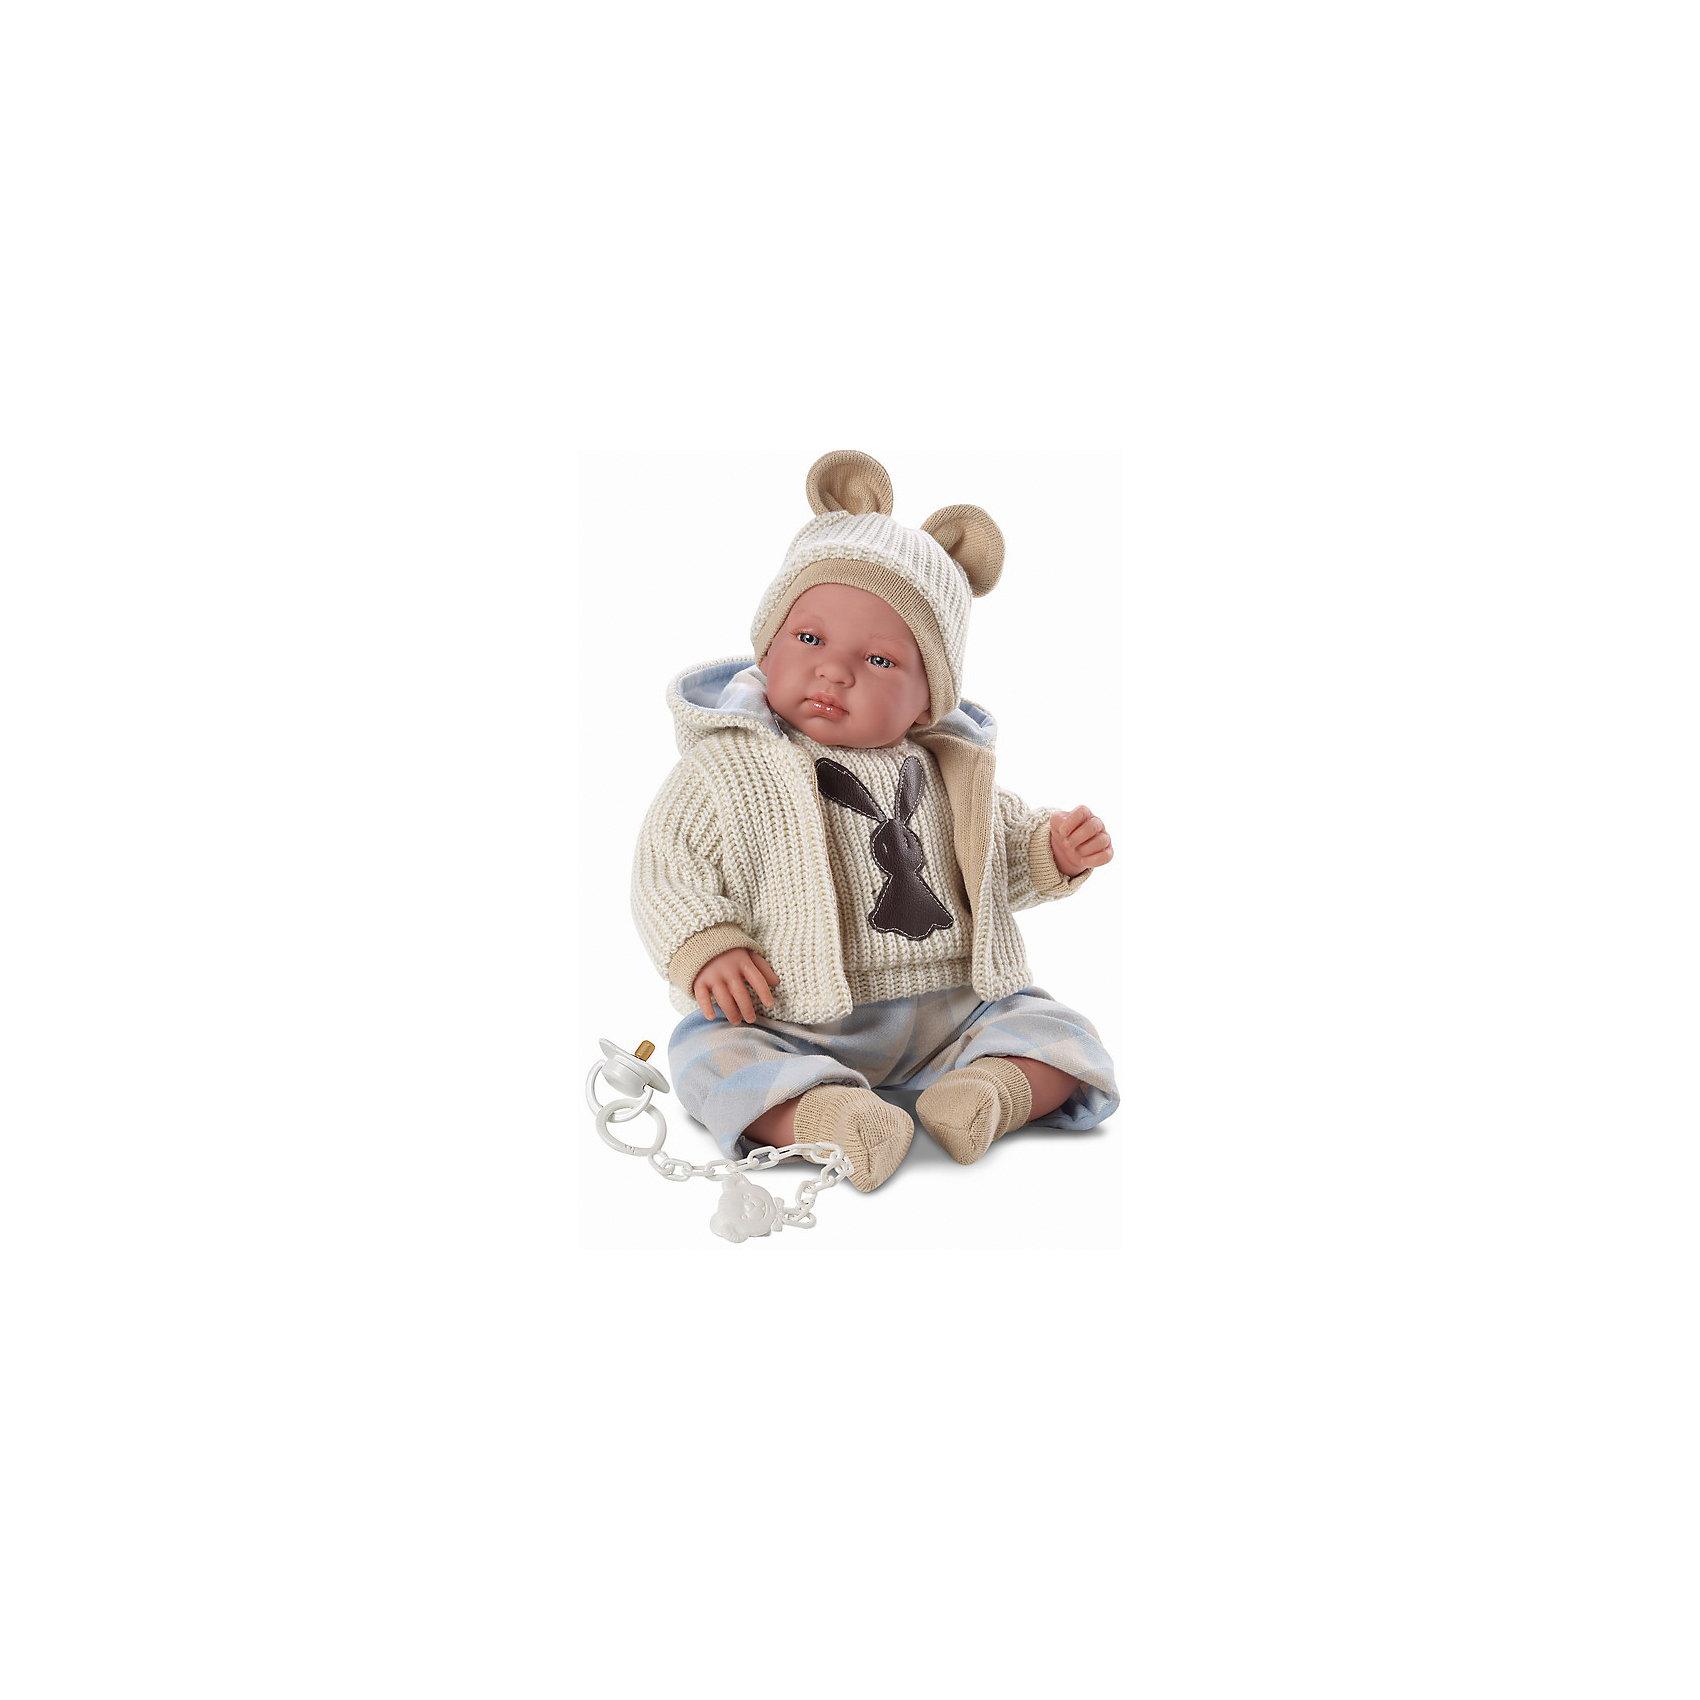 Пупс, 43 см, LlorensКуклы-пупсы<br>Характеристики:<br><br>• Предназначение: для сюжетно-ролевых игр<br>• Тип куклы: мягконабивная<br>• Пол куклы: мальчик <br>• Волосы: прорисованные<br>• Материал: поливинилхлорид, пластик, текстиль<br>• Цвет: голубой, бежевый<br>• Высота куклы: 43 см<br>• Комплектация: кукла, кофточка с капюшоном, штанишки, шапочка, носочки, соска с держателем<br>• Вес: 1 кг 400 г<br>• Размеры упаковки (Д*В*Ш): 23*46*13 см<br>• Упаковка: подарочная картонная коробка <br>• Особенности ухода: допускается деликатная стирка без использования красящих и отбеливающих средств предметов одежды куклы<br><br>Кукла младенец 43 см – пупс, производителем которого является всемирно известный испанский кукольный бренд Llorens. Куклы этой торговой марки имеют свою неповторимую внешность и целую линейку образов как пупсов, так и кукол-малышей. Игрушки выполнены из сочетания поливинилхлорида и пластика, что позволяет с высокой долей достоверности воссоздать физиологические и мимические особенности маленьких детей. При изготовлении кукол Llorens используются только сертифицированные материалы, безопасные и не вызывающие аллергических реакций. Волосы у кукол-пупсов прорисованные; ручки и ножки двигаются.<br>Кукла младенец 43 см выполнена в образе малыша: голубые глазки и пухлые щечки создают невероятно очаровательный и милый образ. В комплект одежды входит кофточка с аппликацией и верхняя кофточка с капюшоном, штанишки, шапка с двумя помпонами и носочки. У малыша имеется соска с цепочкой-держателем.. <br>Кукла младенец 43 см – это идеальный вариант для подарка к различным праздникам и торжествам.<br><br>Куклу младенца 43 см можно купить в нашем интернет-магазине.<br><br>Ширина мм: 23<br>Глубина мм: 46<br>Высота мм: 13<br>Вес г: 1400<br>Возраст от месяцев: 36<br>Возраст до месяцев: 84<br>Пол: Женский<br>Возраст: Детский<br>SKU: 5086938